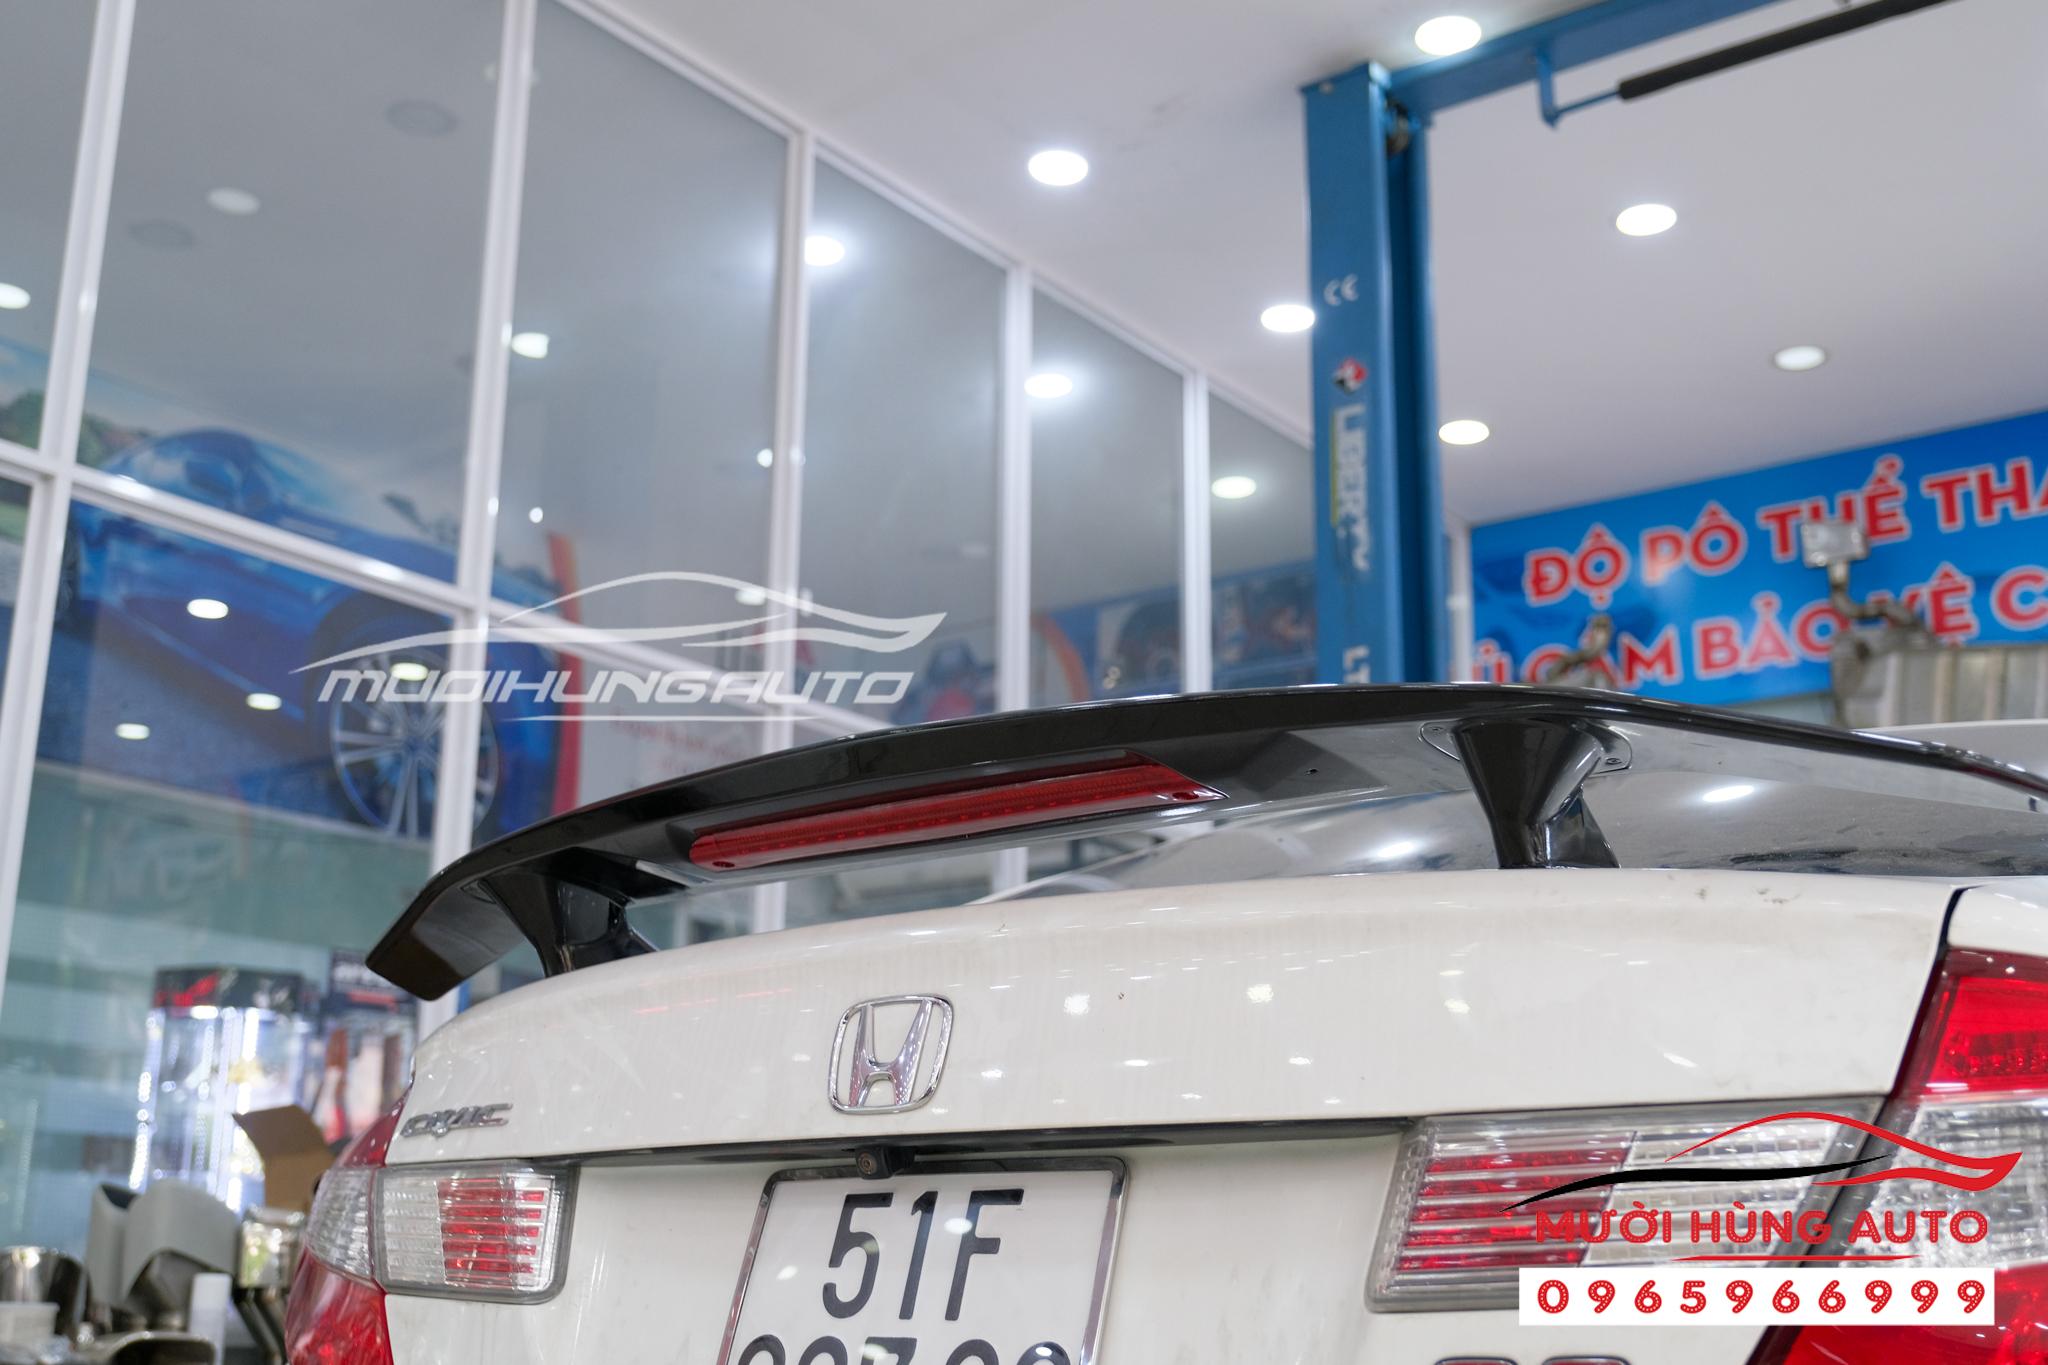 Độ pô và gắn đuôi cá có đèn Honda Civic 2012 Mer GLC